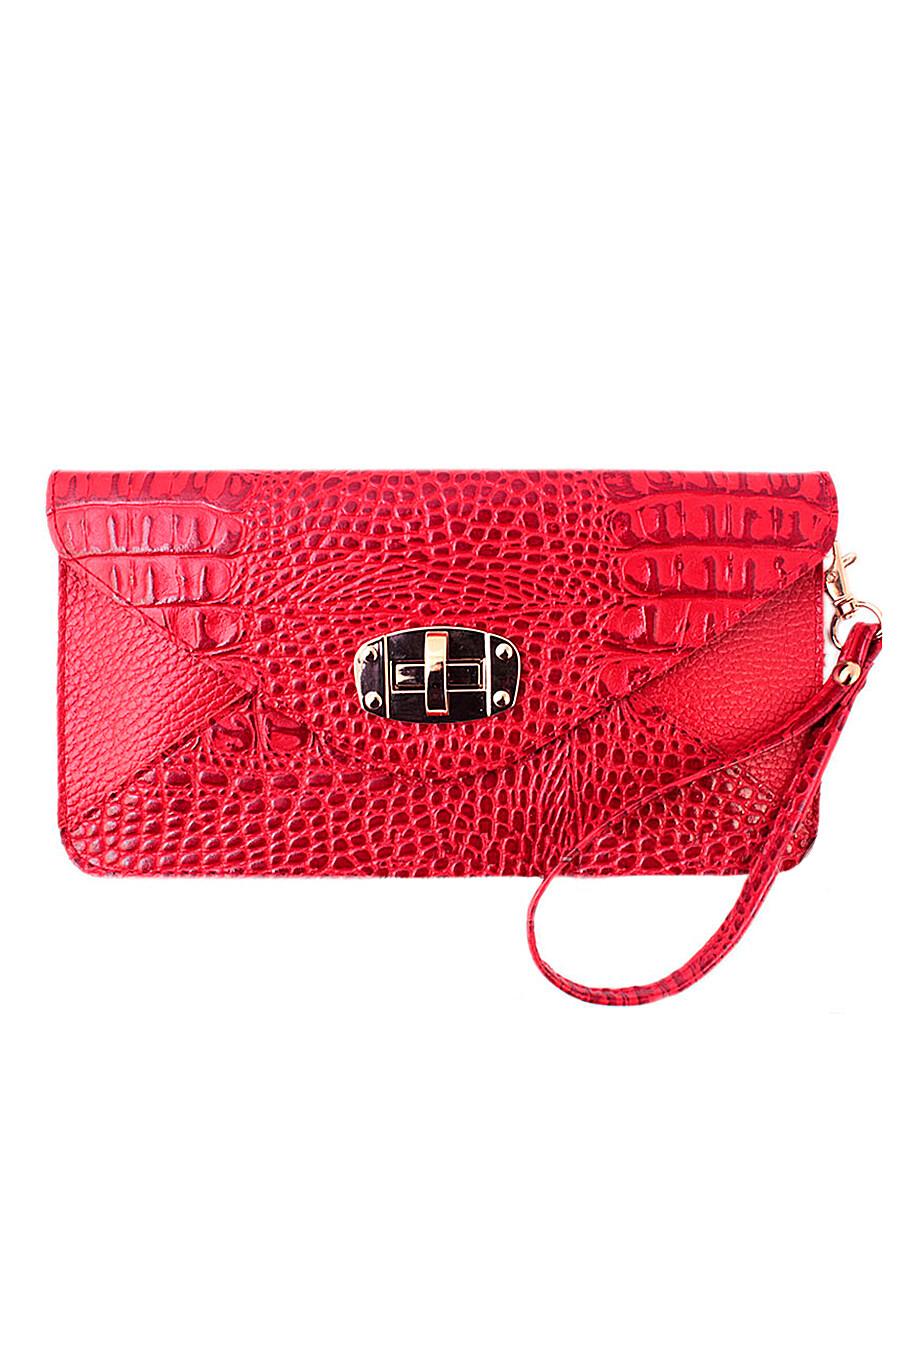 Кошелек для женщин L-CRAFT 668271 купить оптом от производителя. Совместная покупка женской одежды в OptMoyo